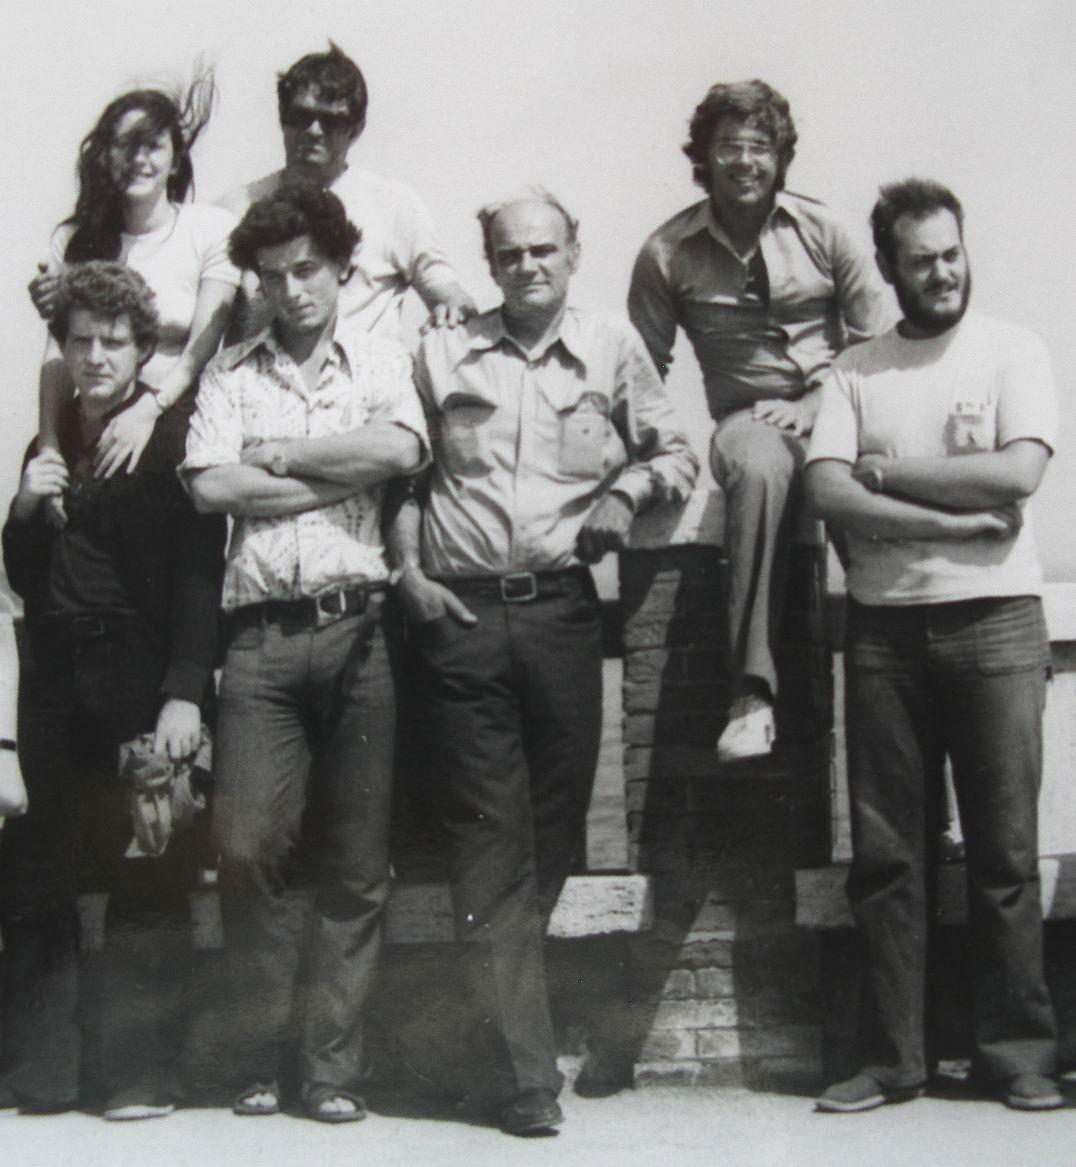 1974 Piombino, in piedi da destra verso sinistra: Andrea Gennari, il maestro Fernando Farulli, Sergio Michilini e Adriano Bimbi